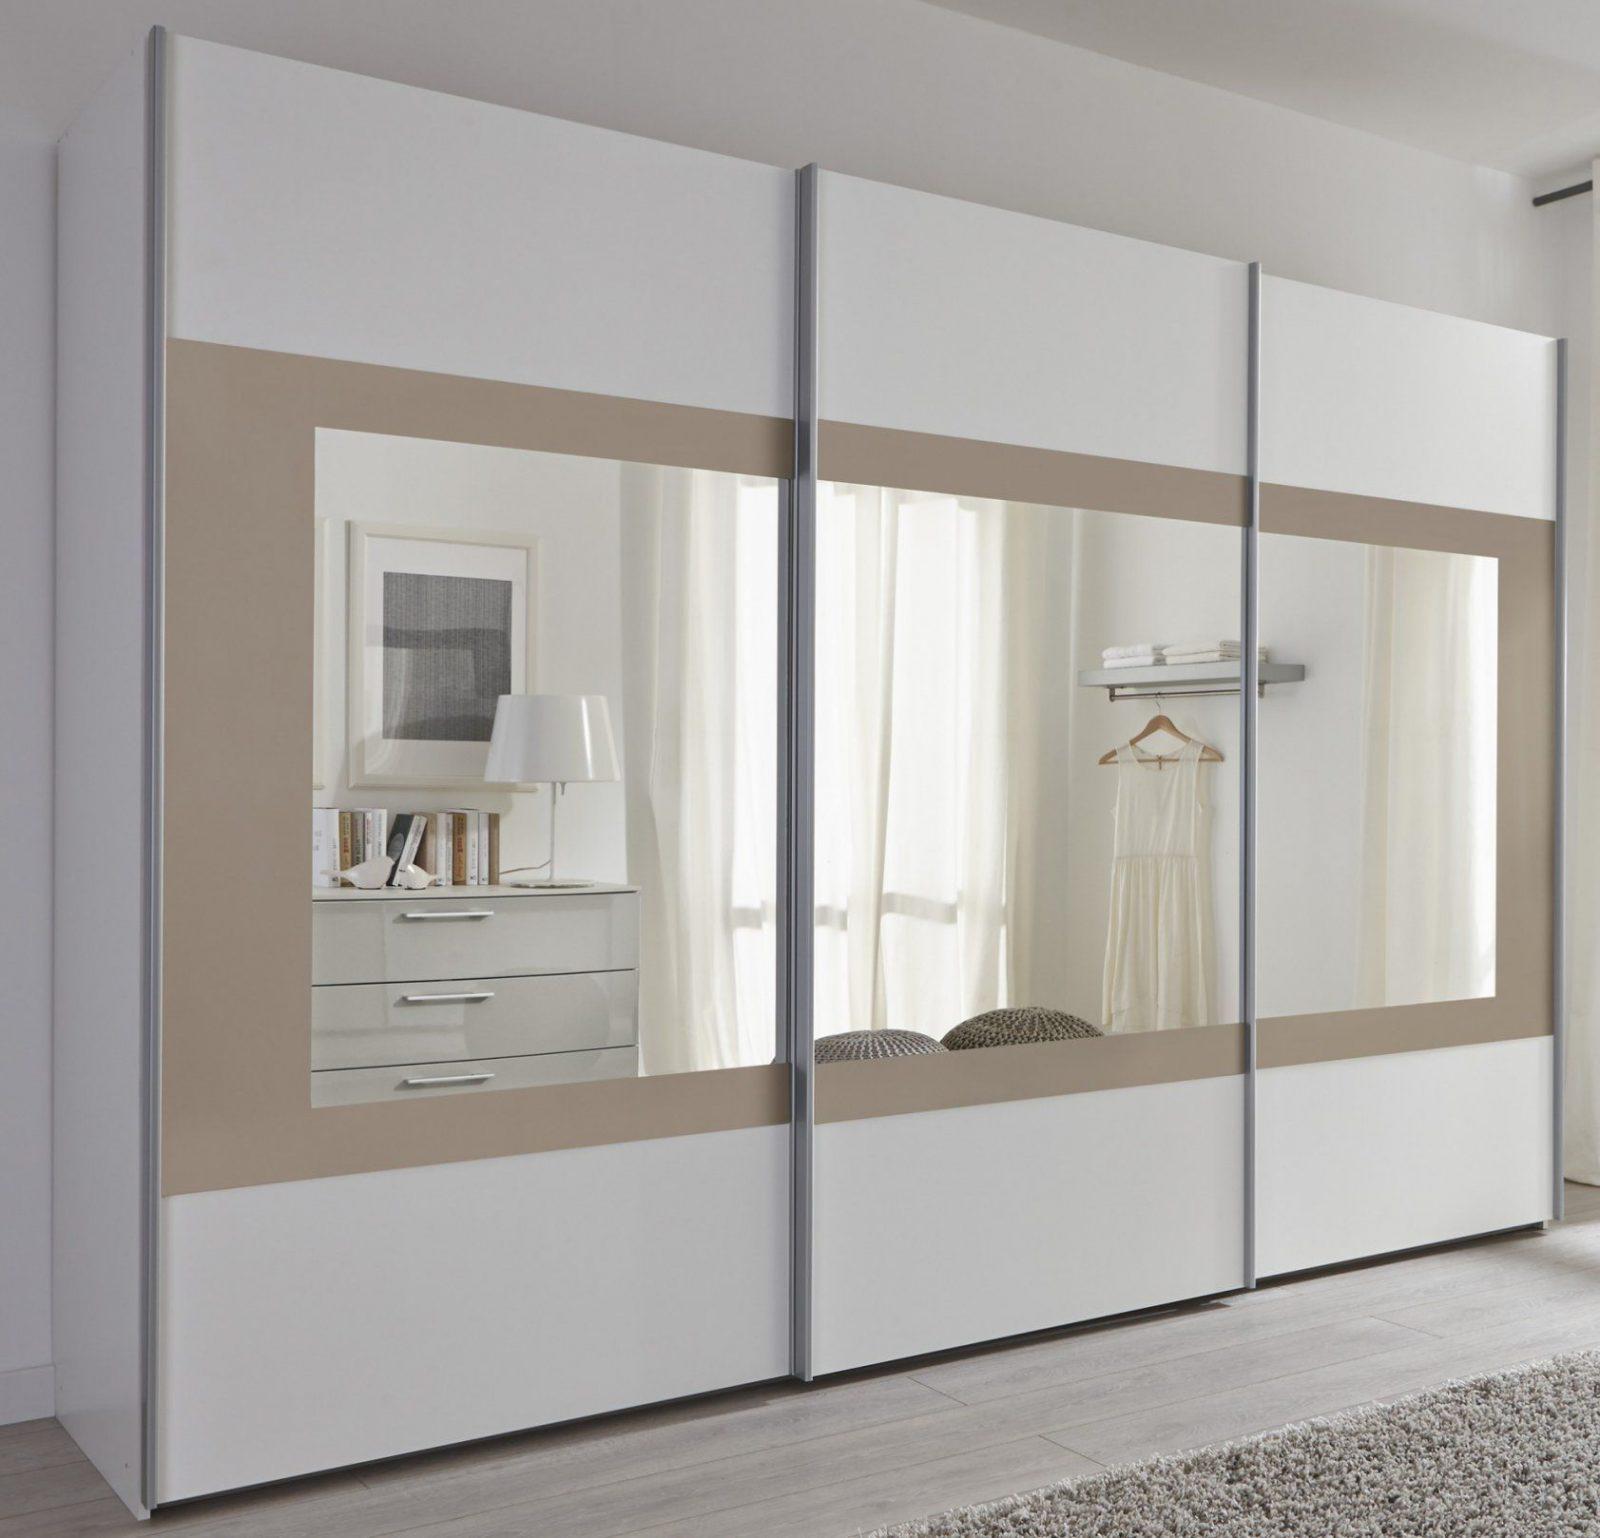 Möbel  Fantastische Inspiration Kleiderschrank 4 M Lang Und von Kleiderschrank 4 M Lang Bild